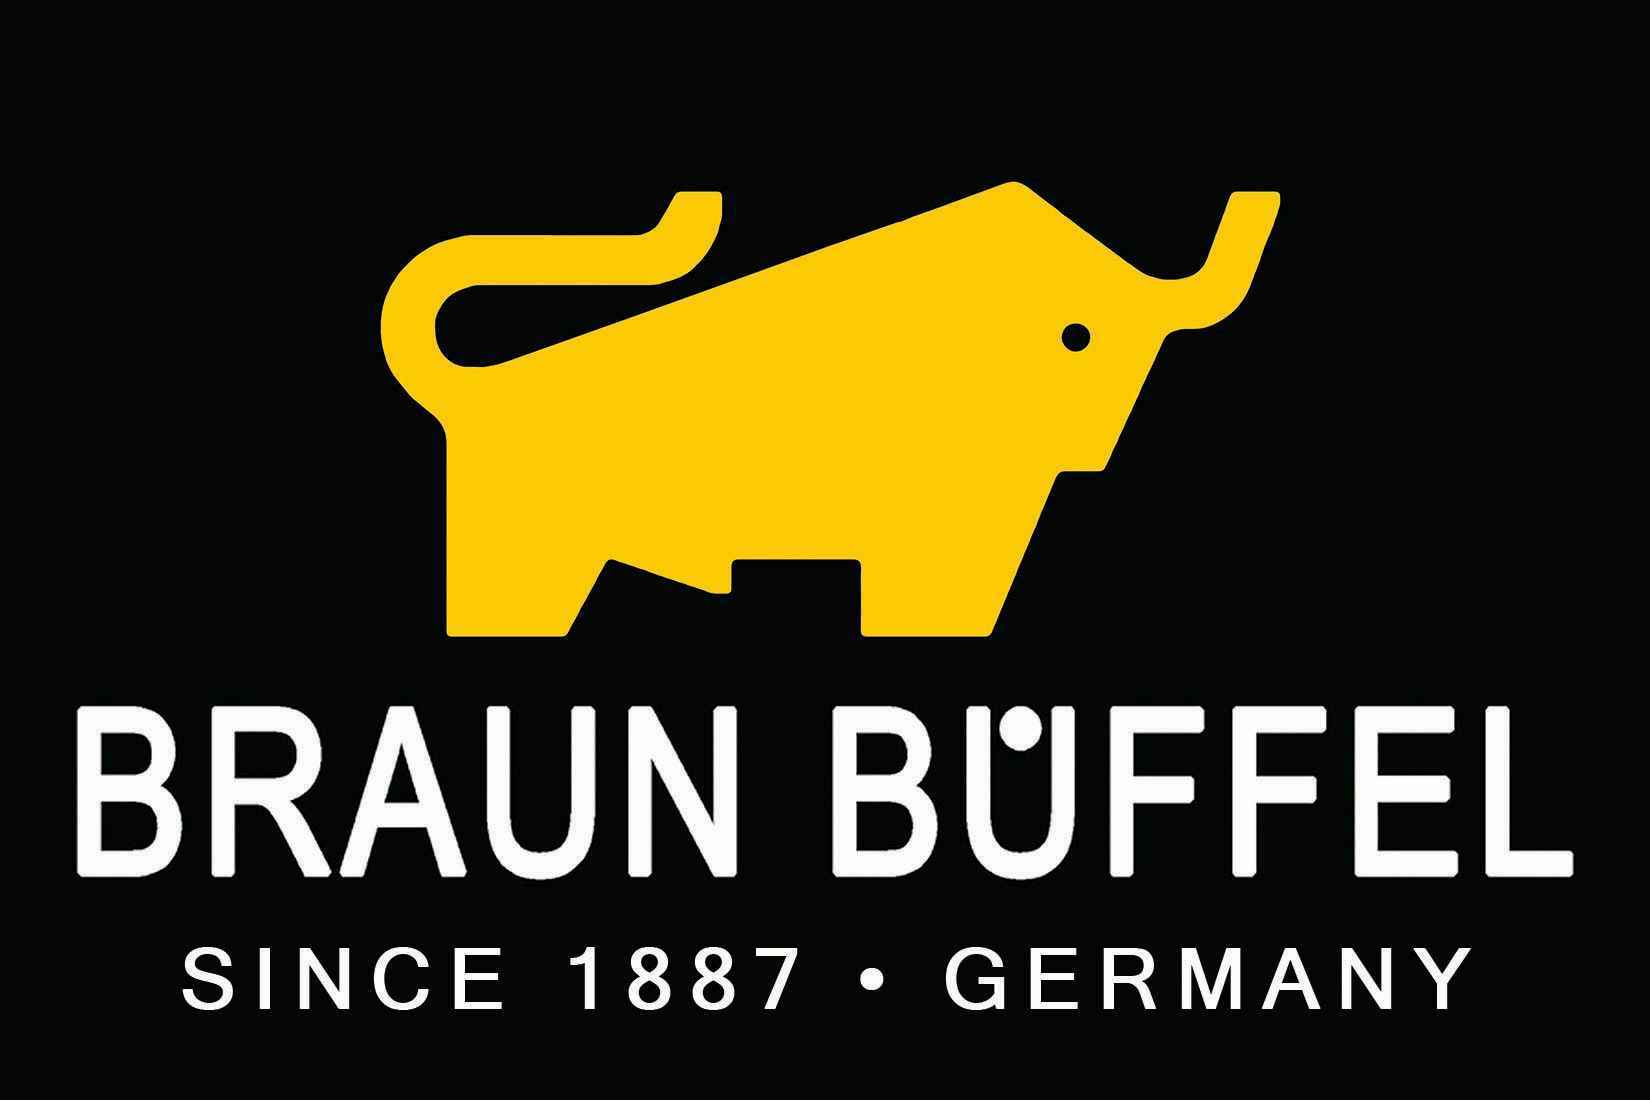 Braun Buffel spectacles logo